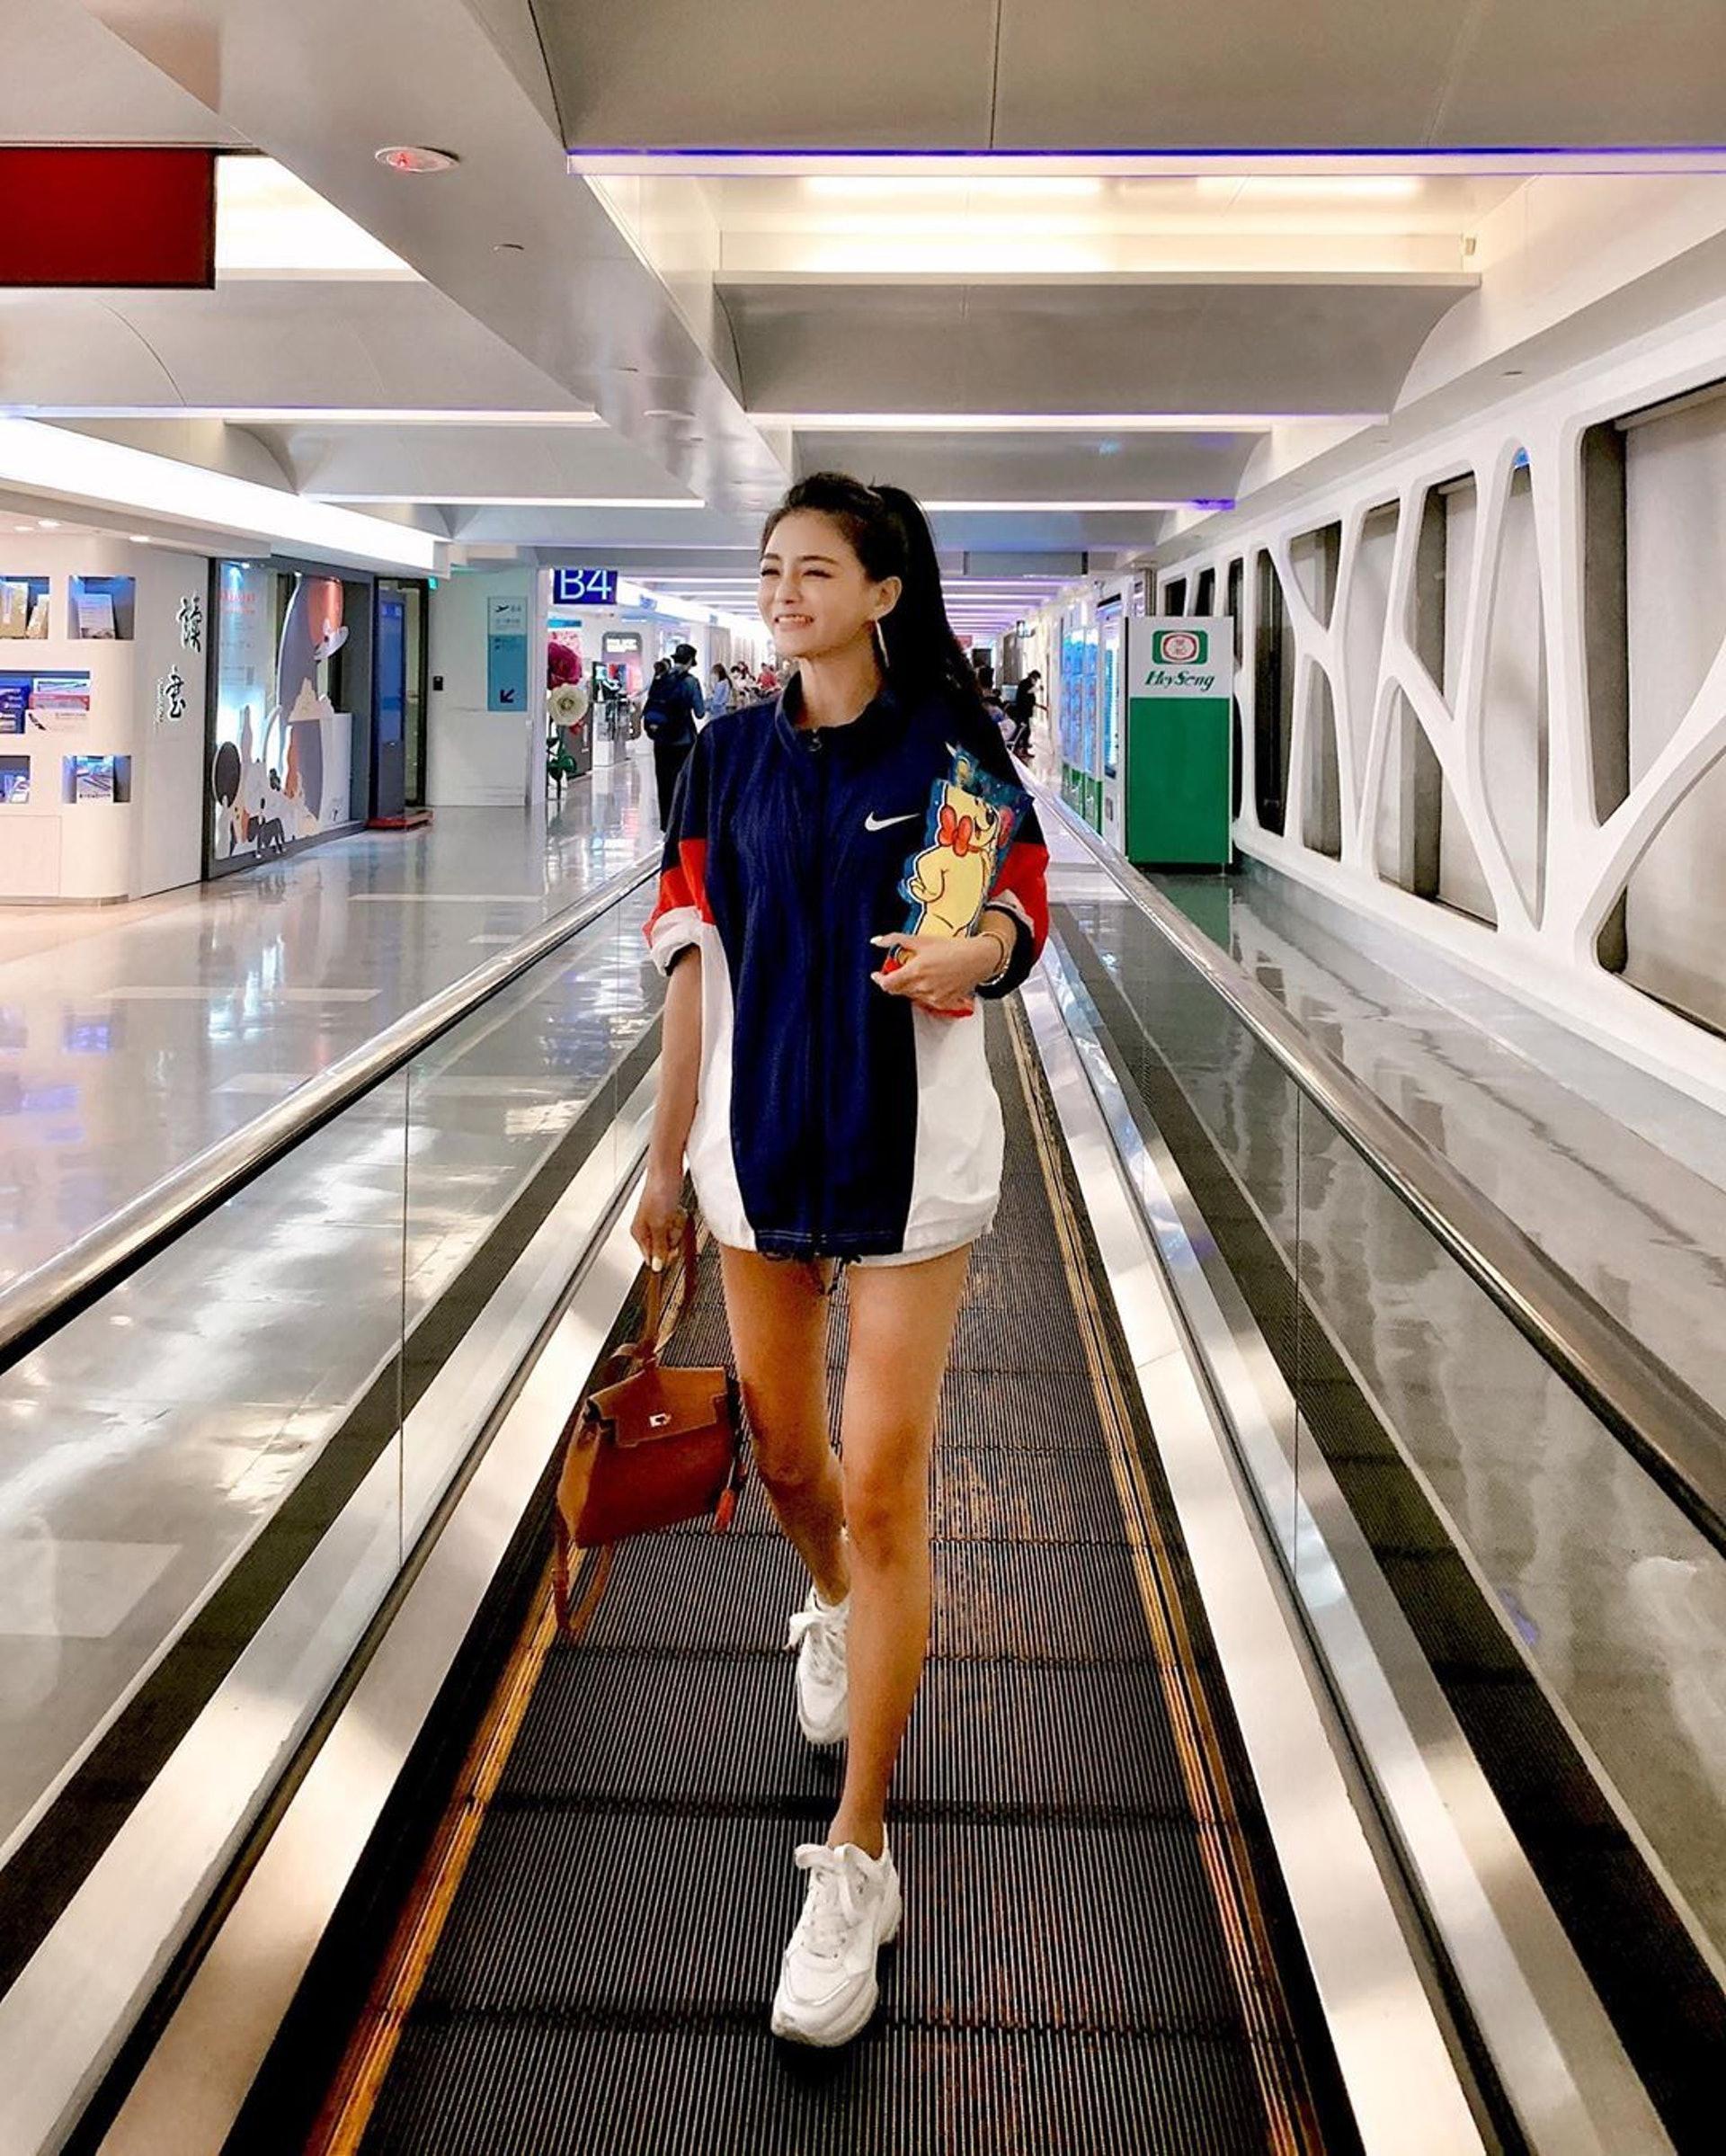 33歲台灣名媛夏黃廉盈因五官激似女星大S,被冠上「名媛圈大S」、「貴婦版大S」等稱號(lienhsia IG)